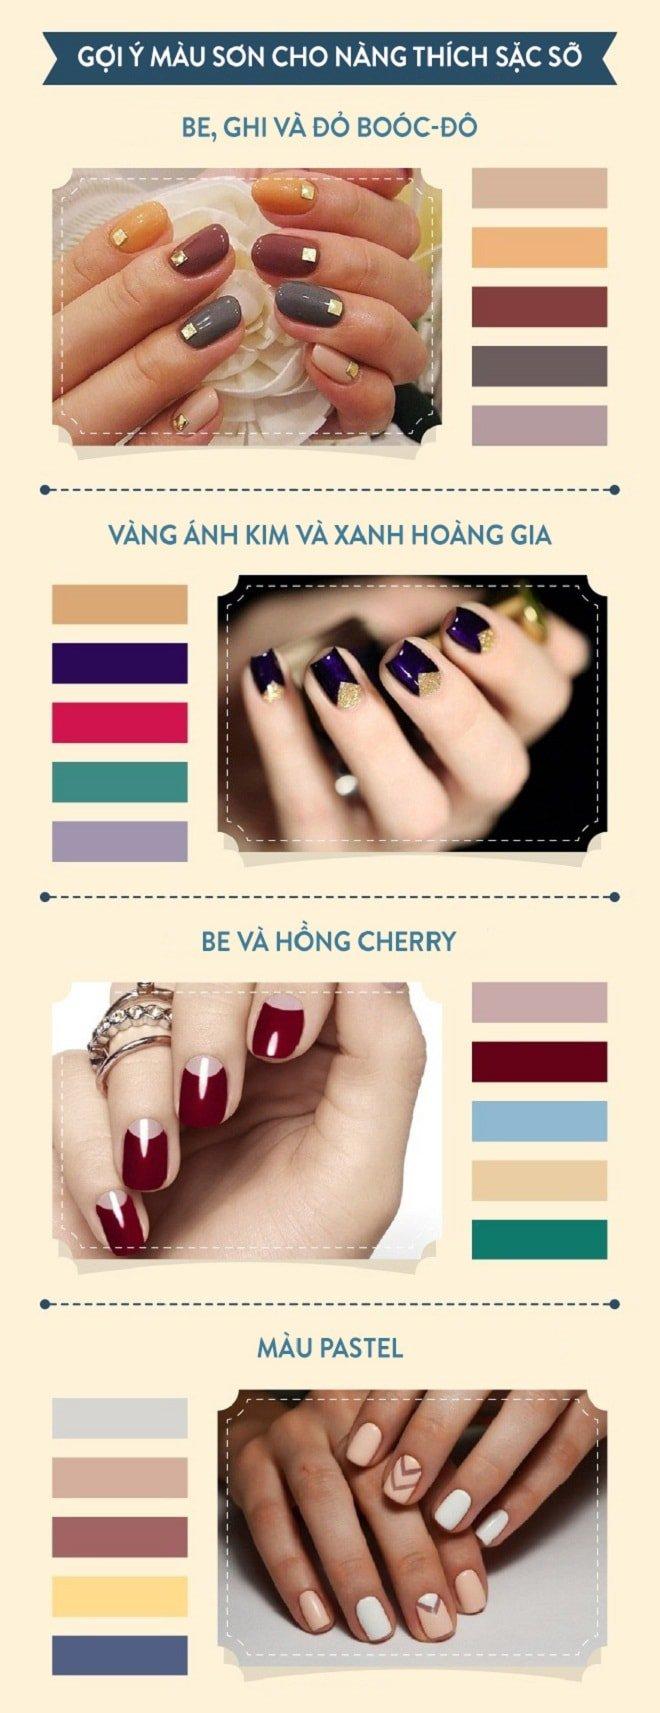 """tu lam mong dung chuan """"xin so"""" tai nha, ngai gi khong thu? - 9"""